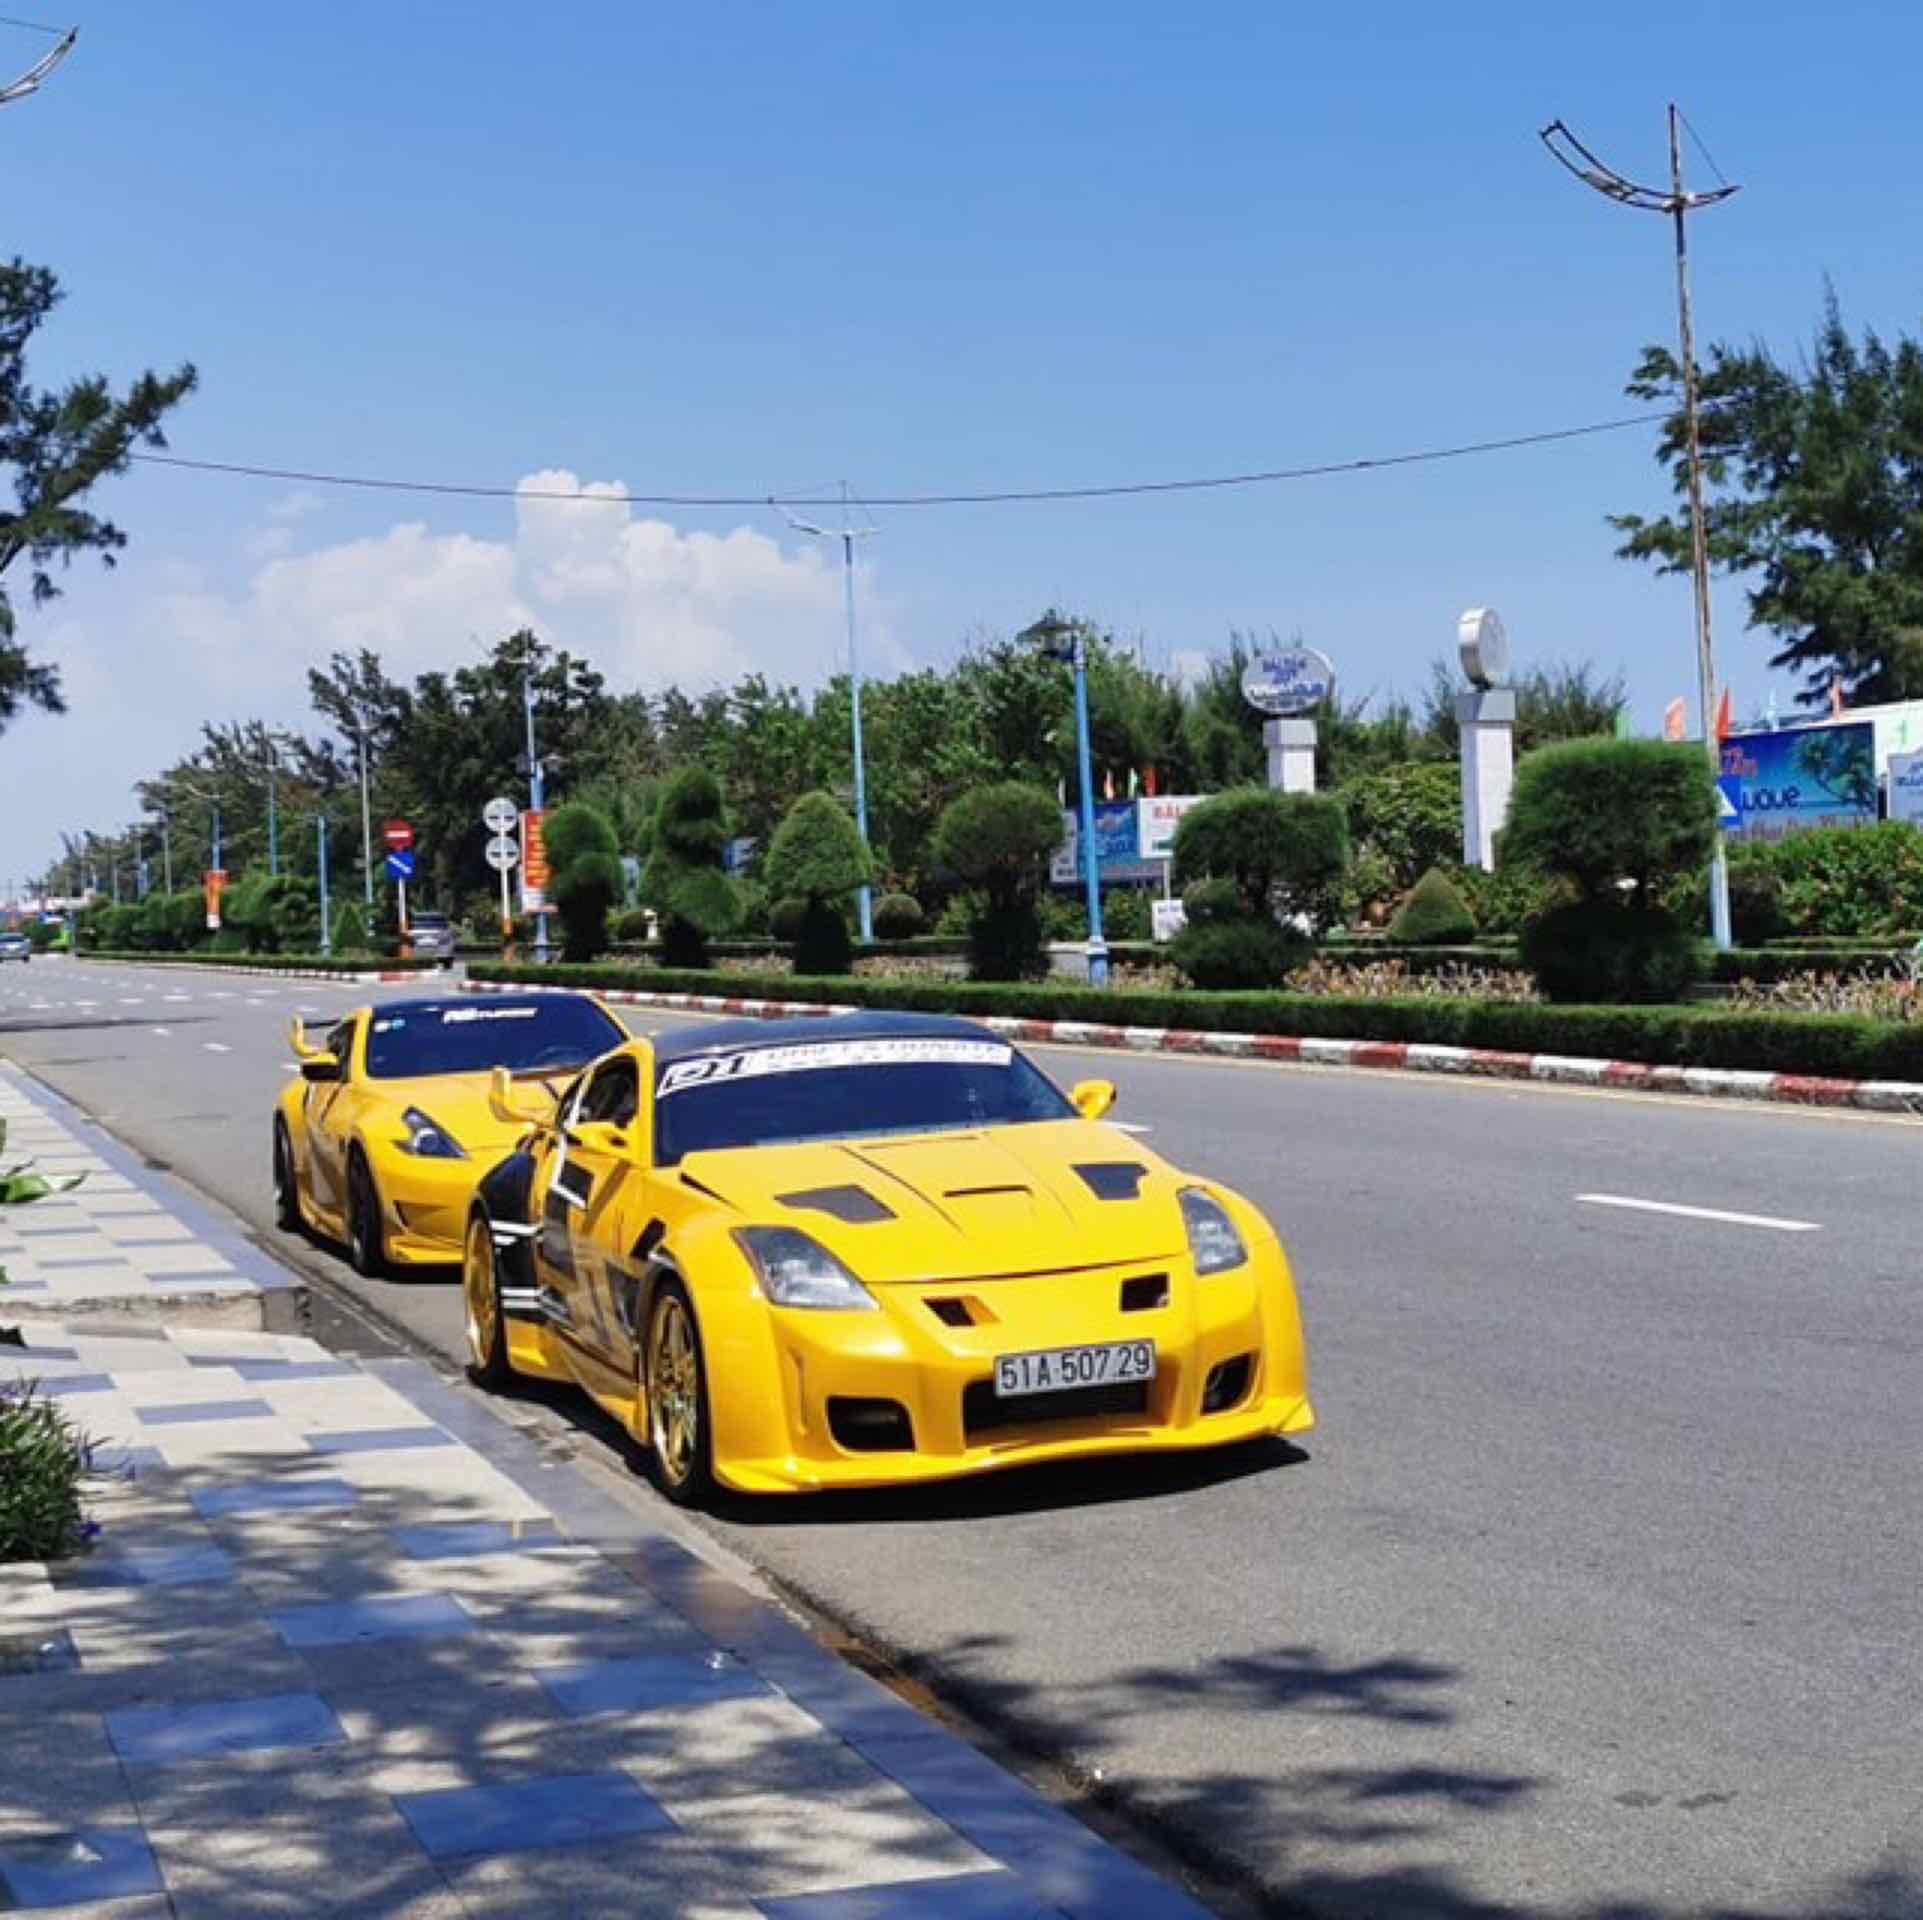 Nguyễn Ngọc Cường - Ôi...dăm ba con xe màu mè pô thì kêu như xe ba gác 😂